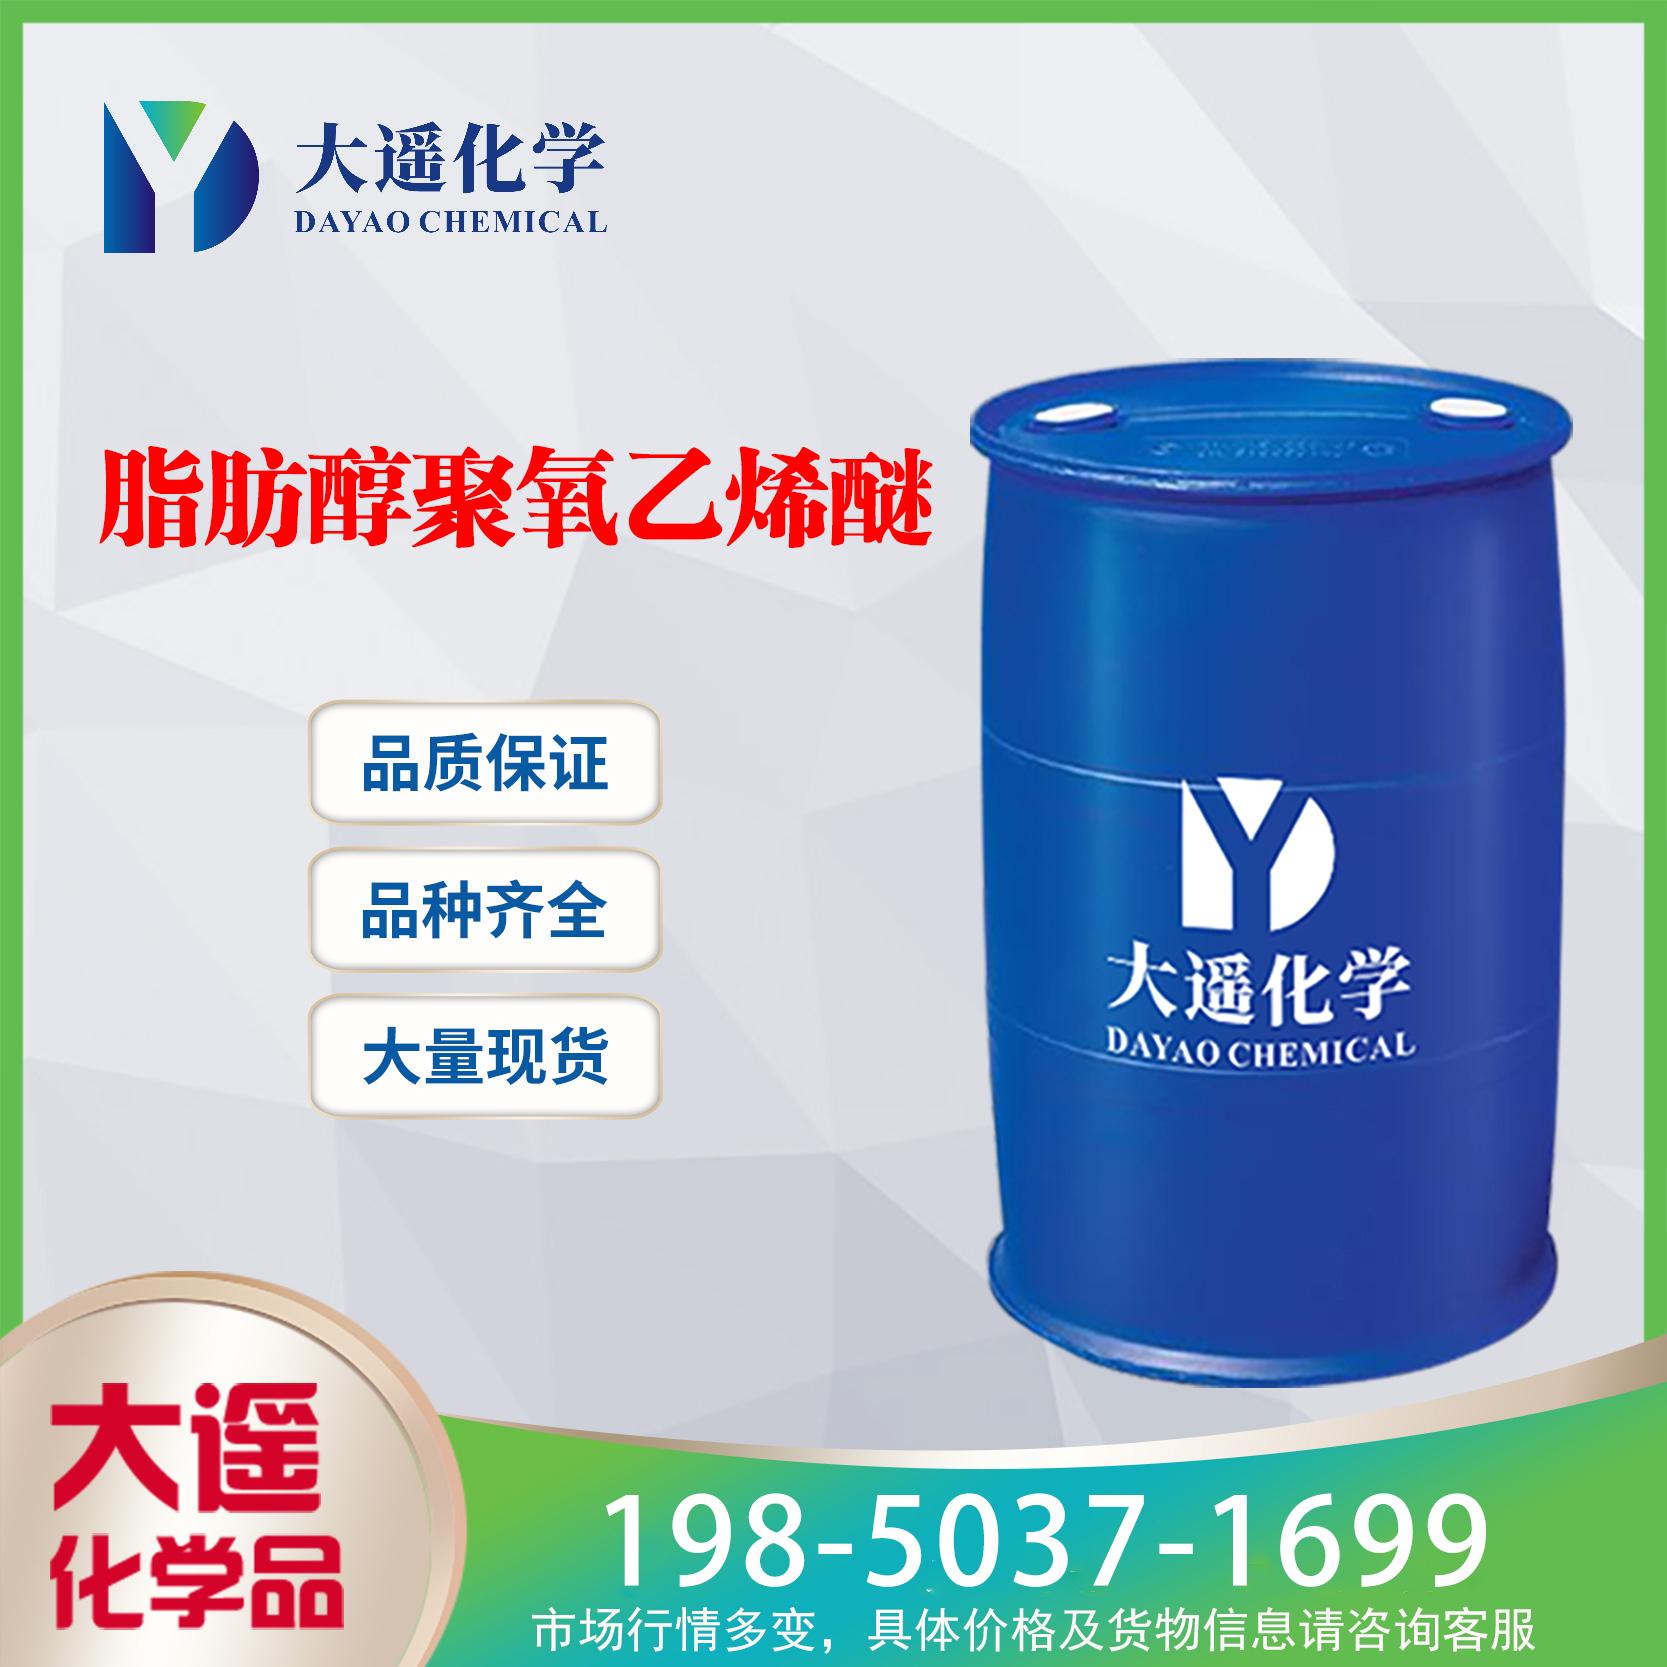 脂肪醇聚氧乙烯醚 AEO-3/7/9 聚氧乙烯脂肪醇醚 68131-39-5